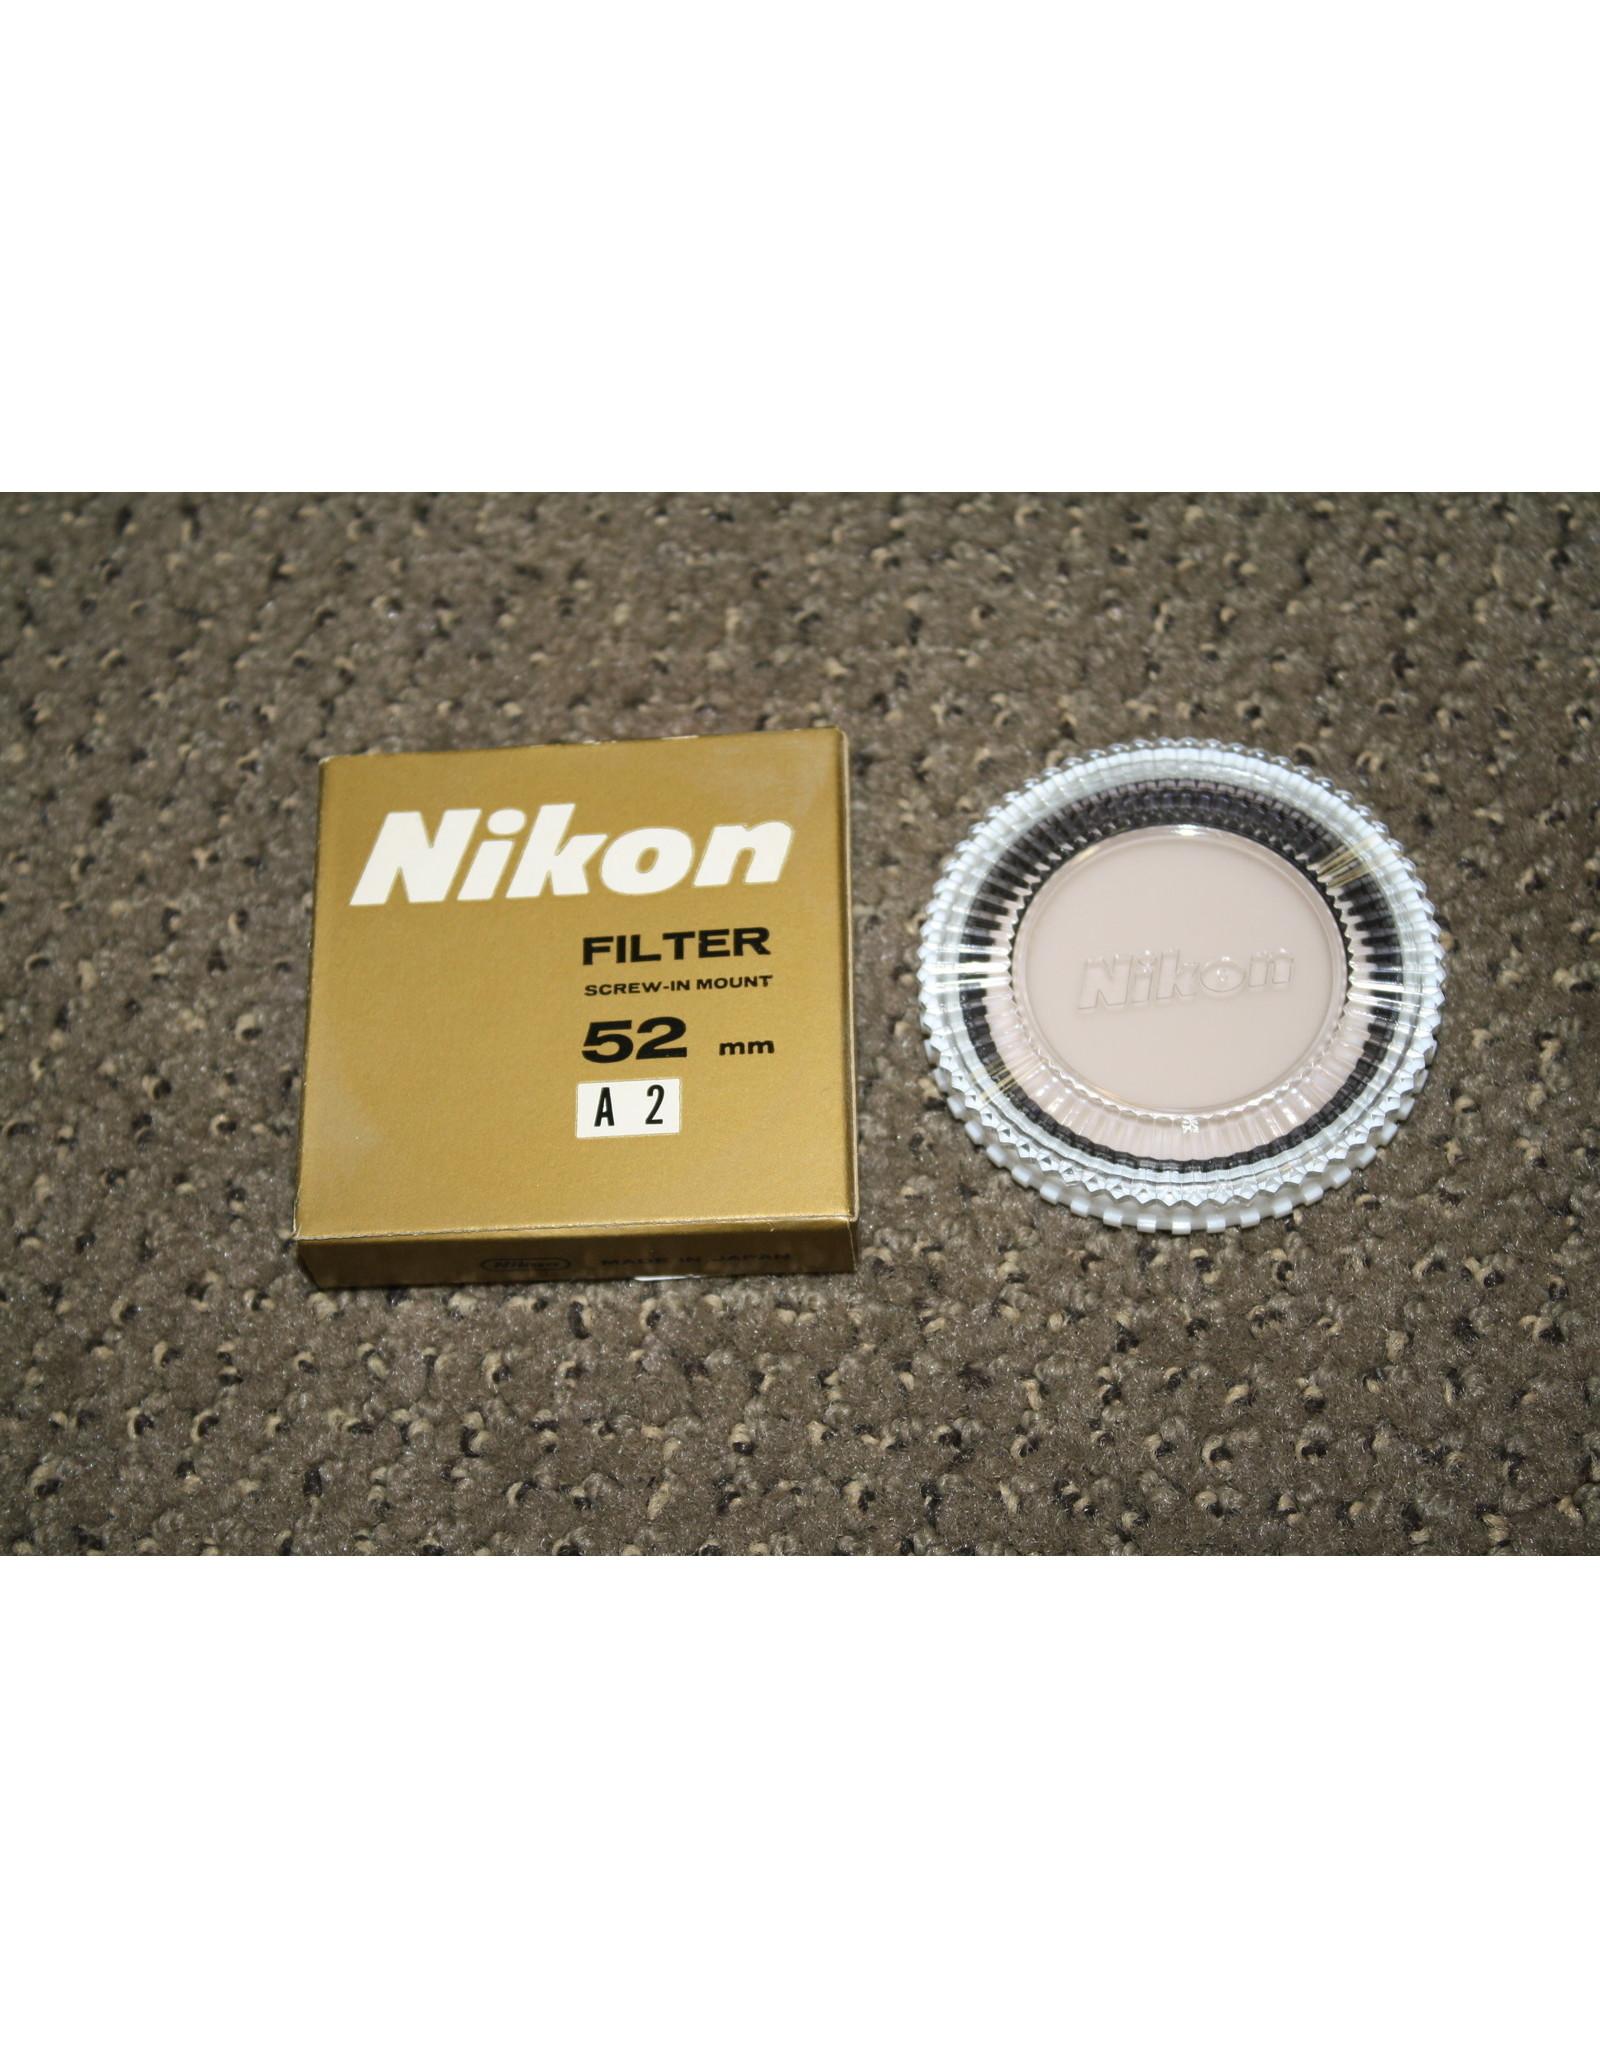 Nikon A2 52mm Filter w/ Case & Box